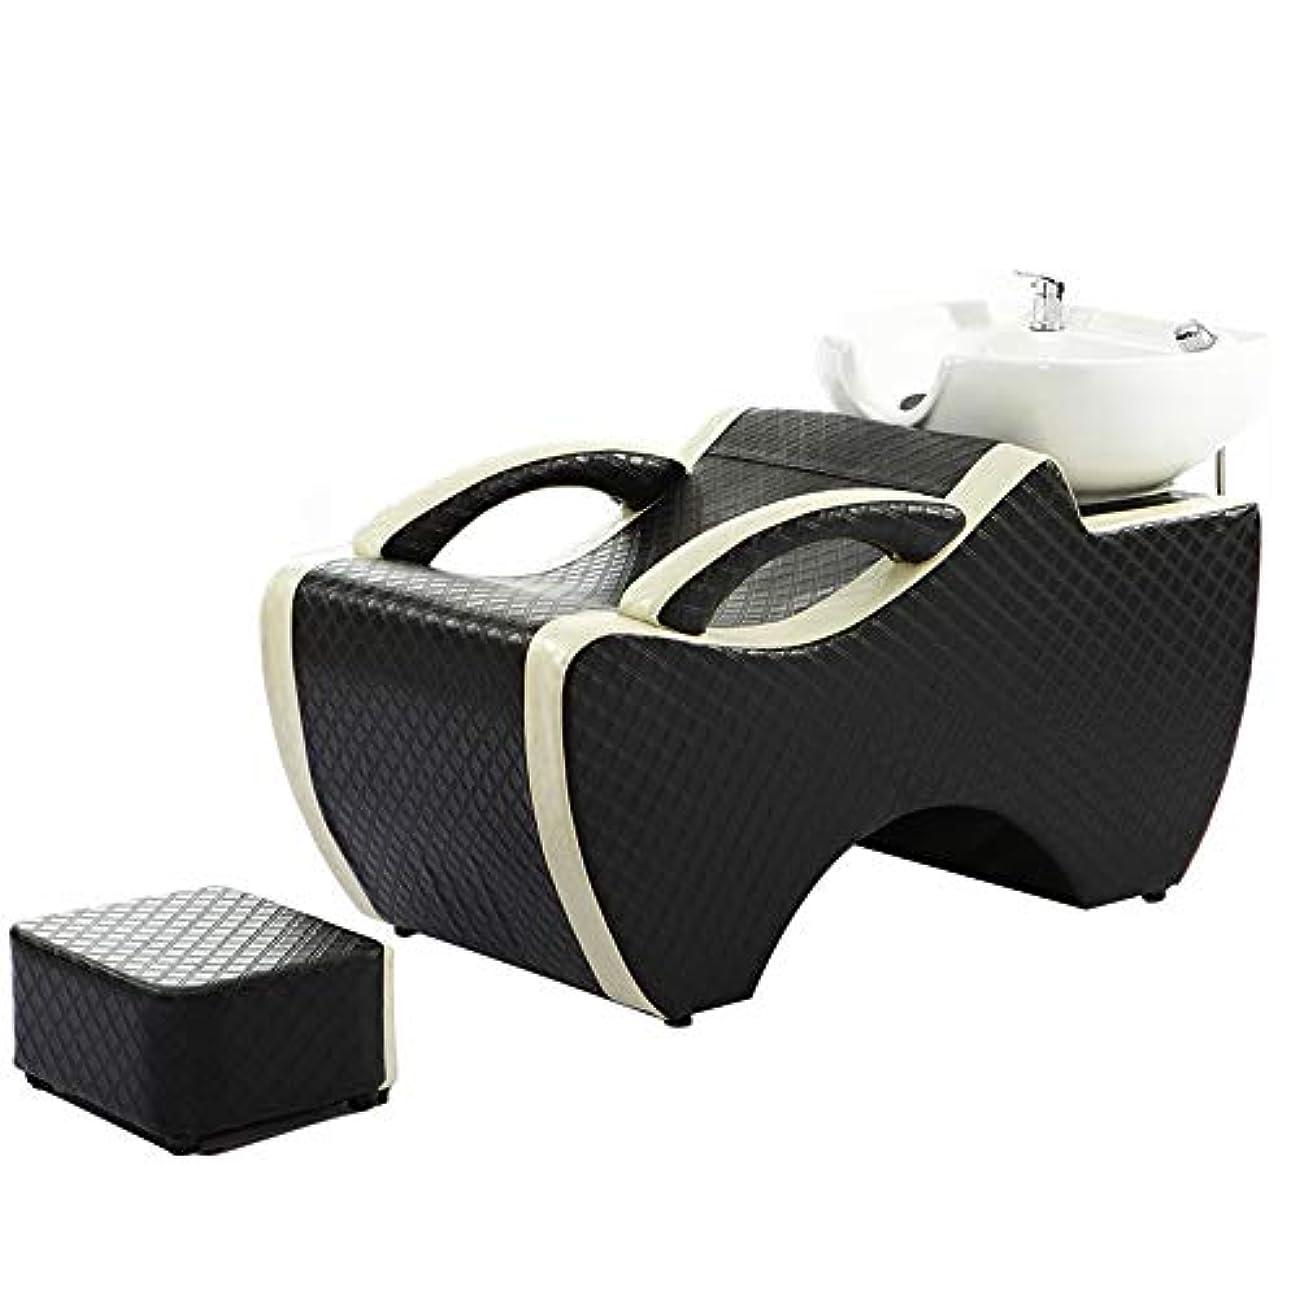 欺困難保存シャンプー椅子、逆洗ユニットシャンプーボウル理髪シンク椅子用スパ美容院ベッドセラミック洗面台